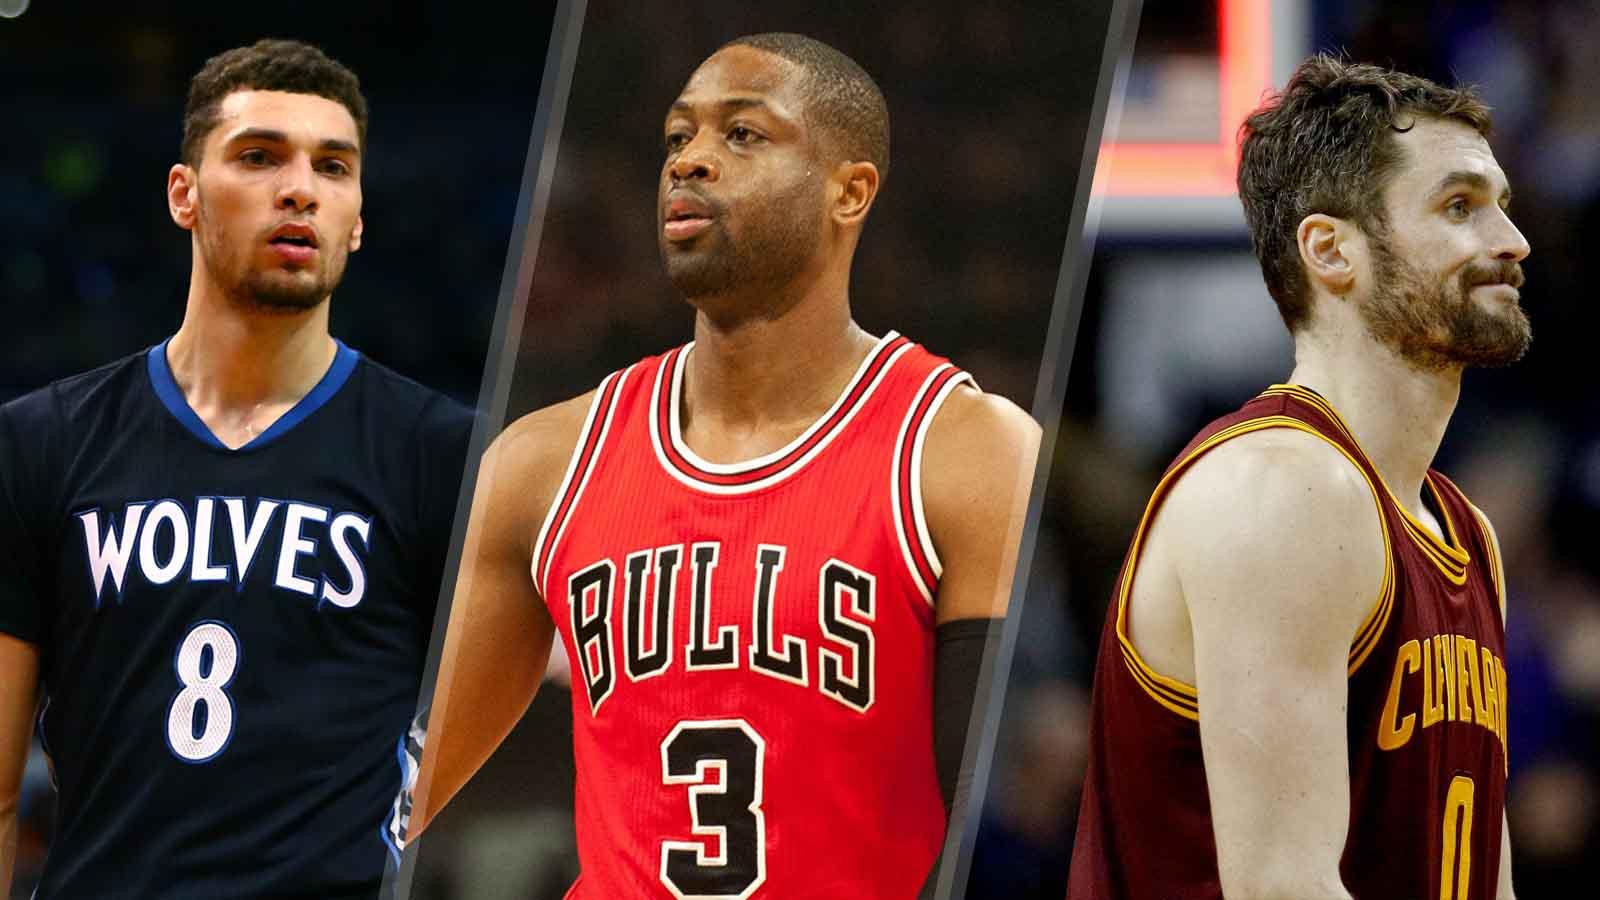 NBA players react to Jabari Parker's season-ending injury